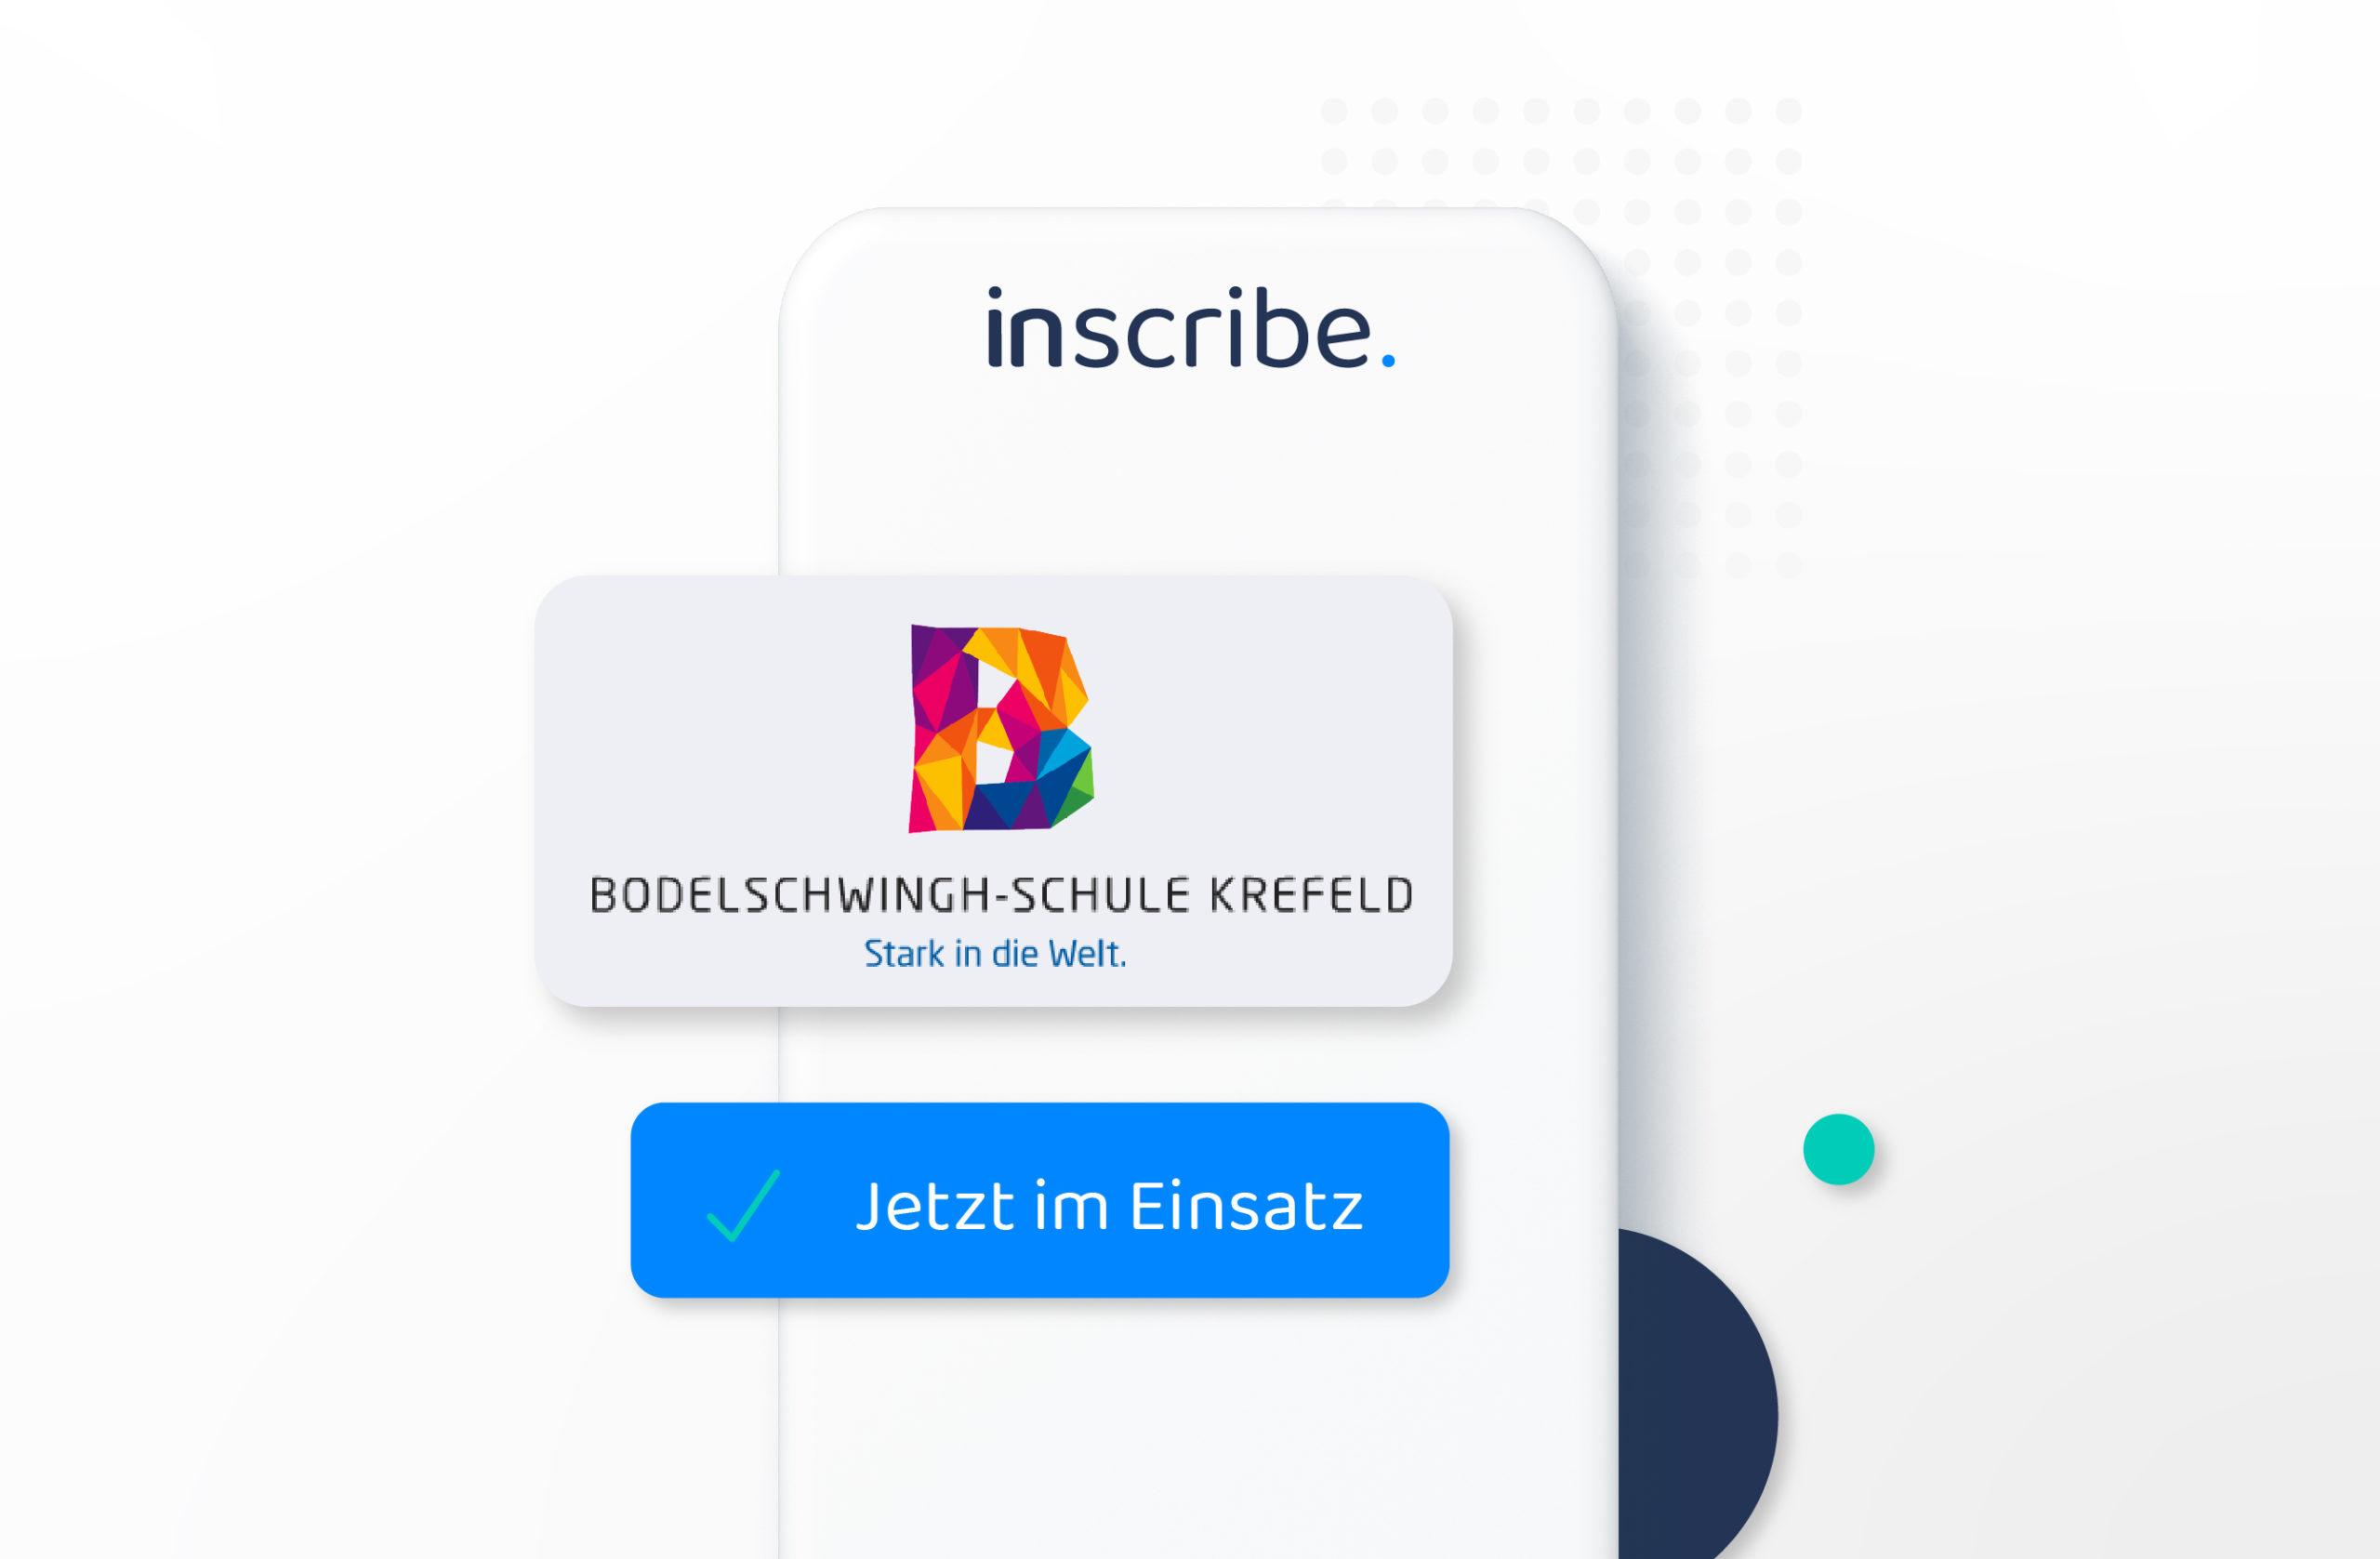 Digitale Anwesenheitsliste Inscribe im Einsatz bei der Bodelschwingh-Schule